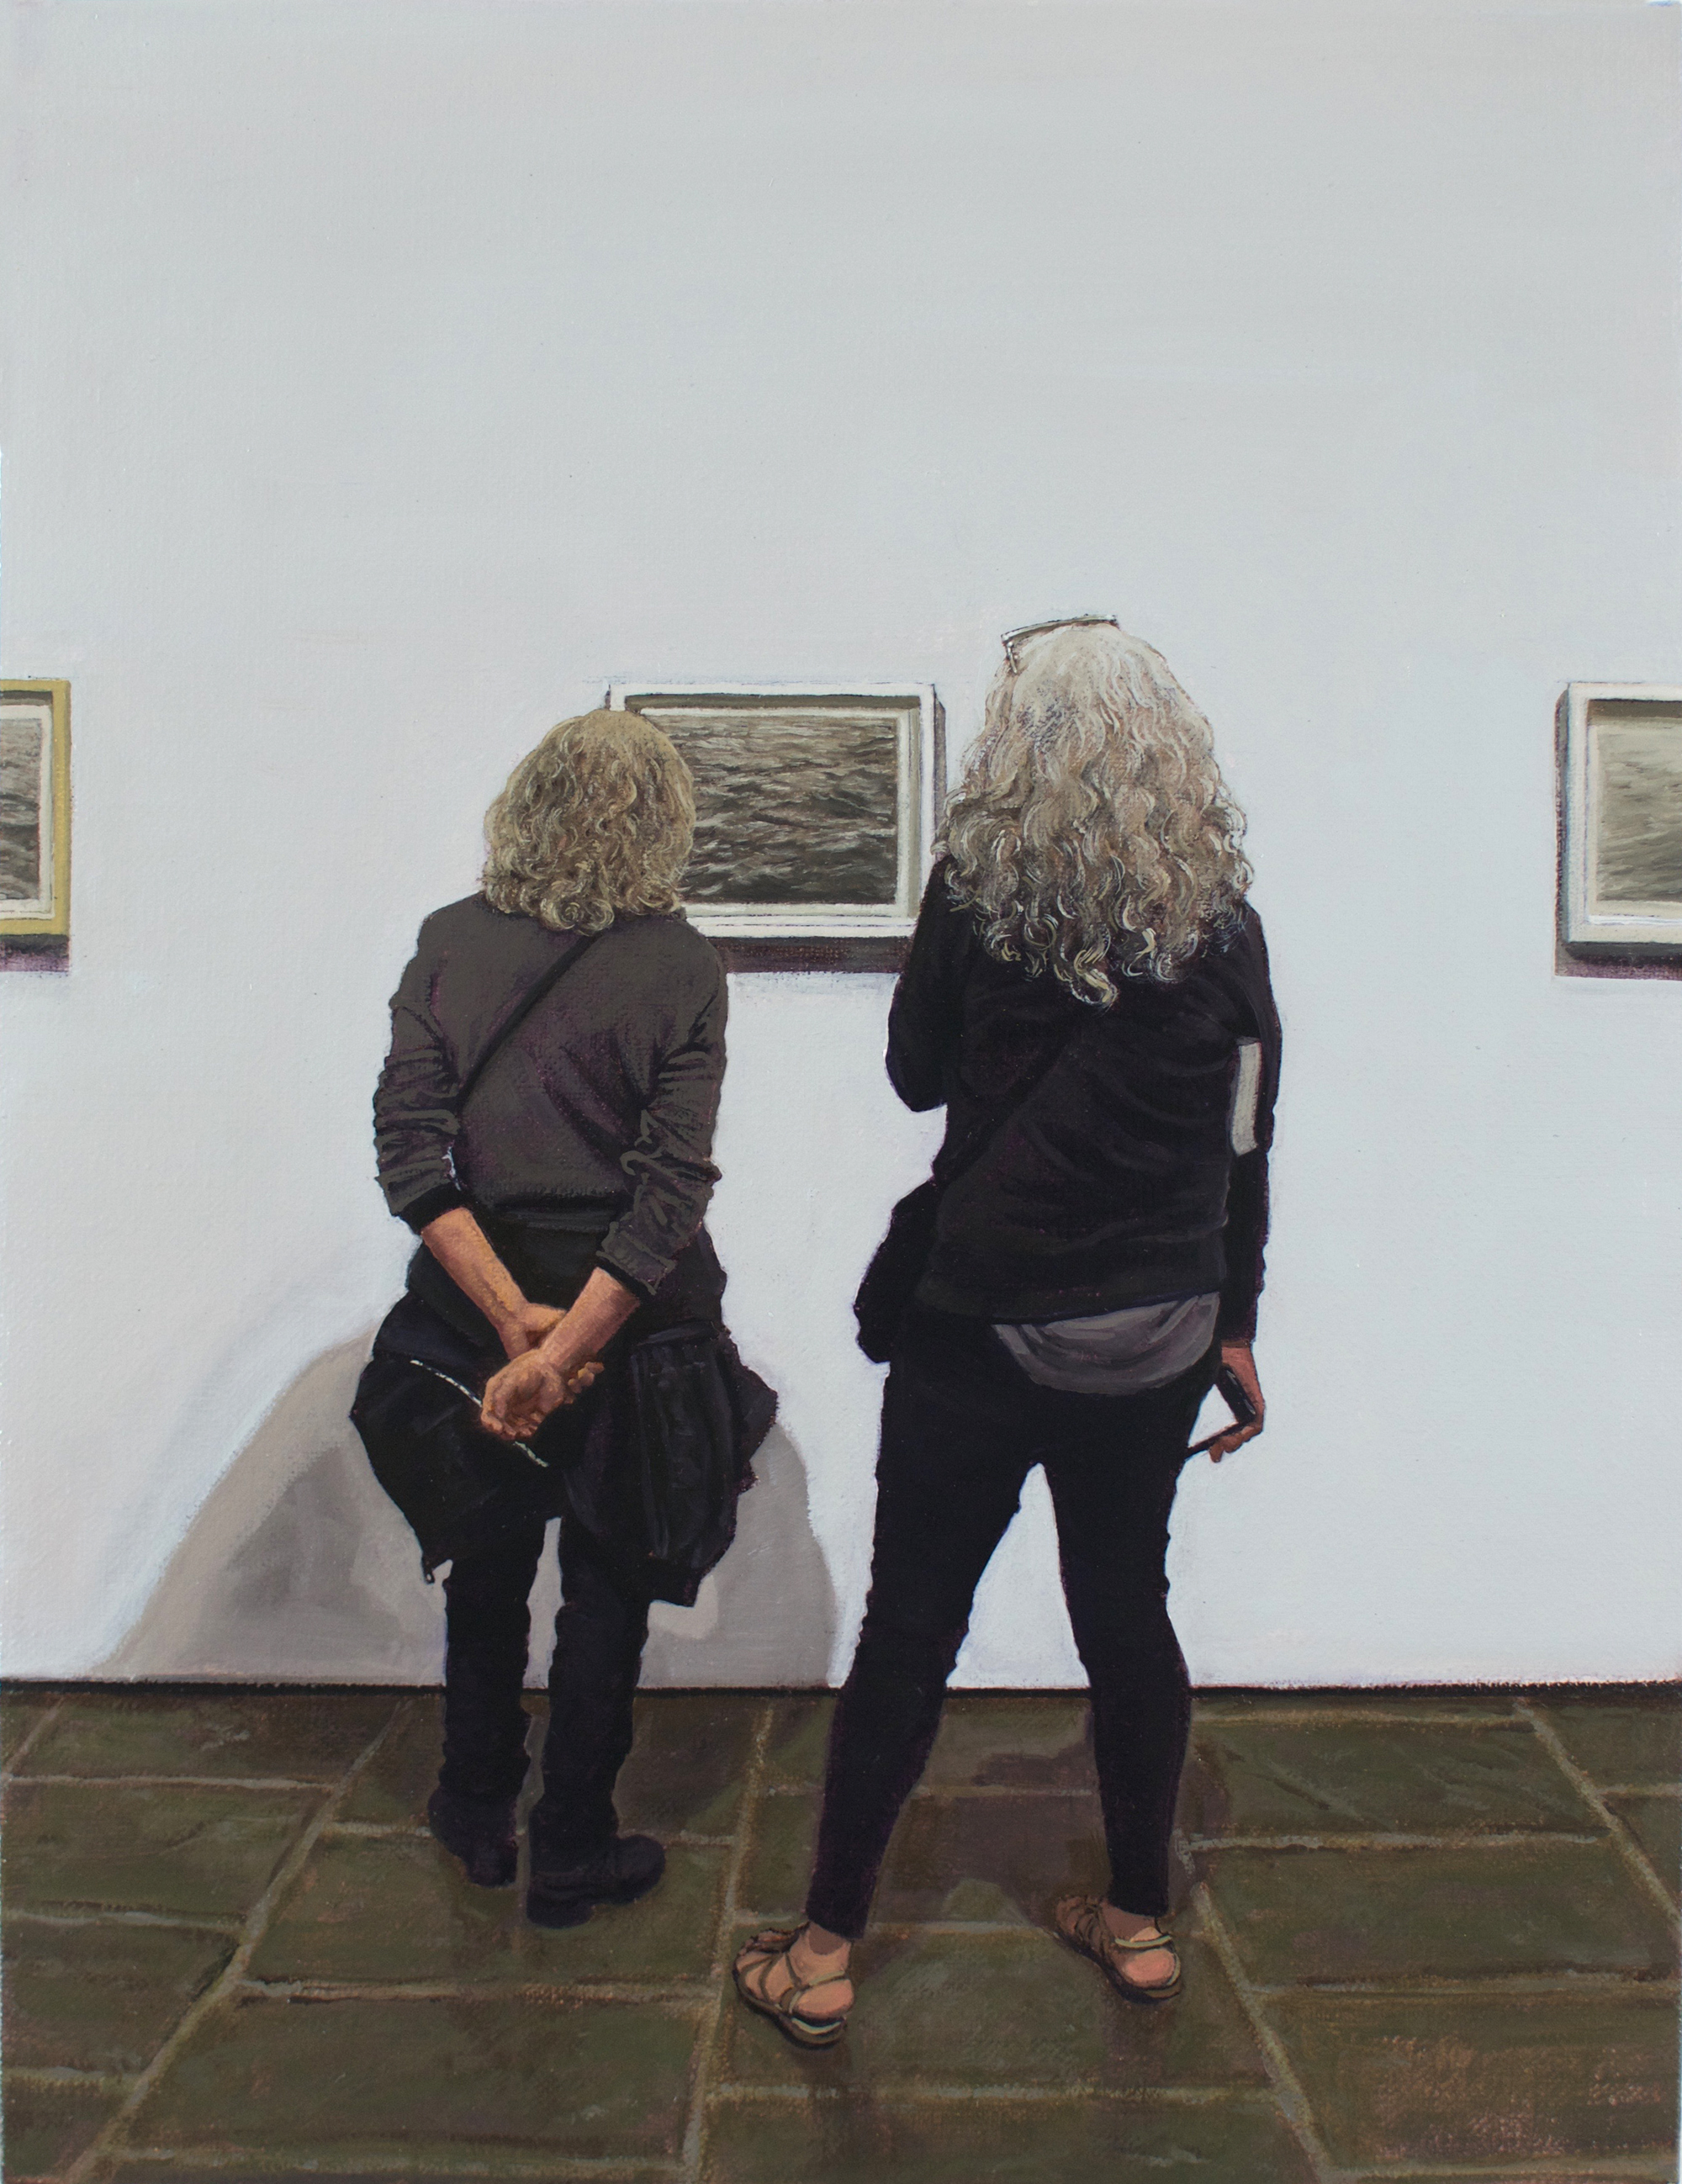 Vija Celmins / Met Breuer (Arrangement in Grey and Black)